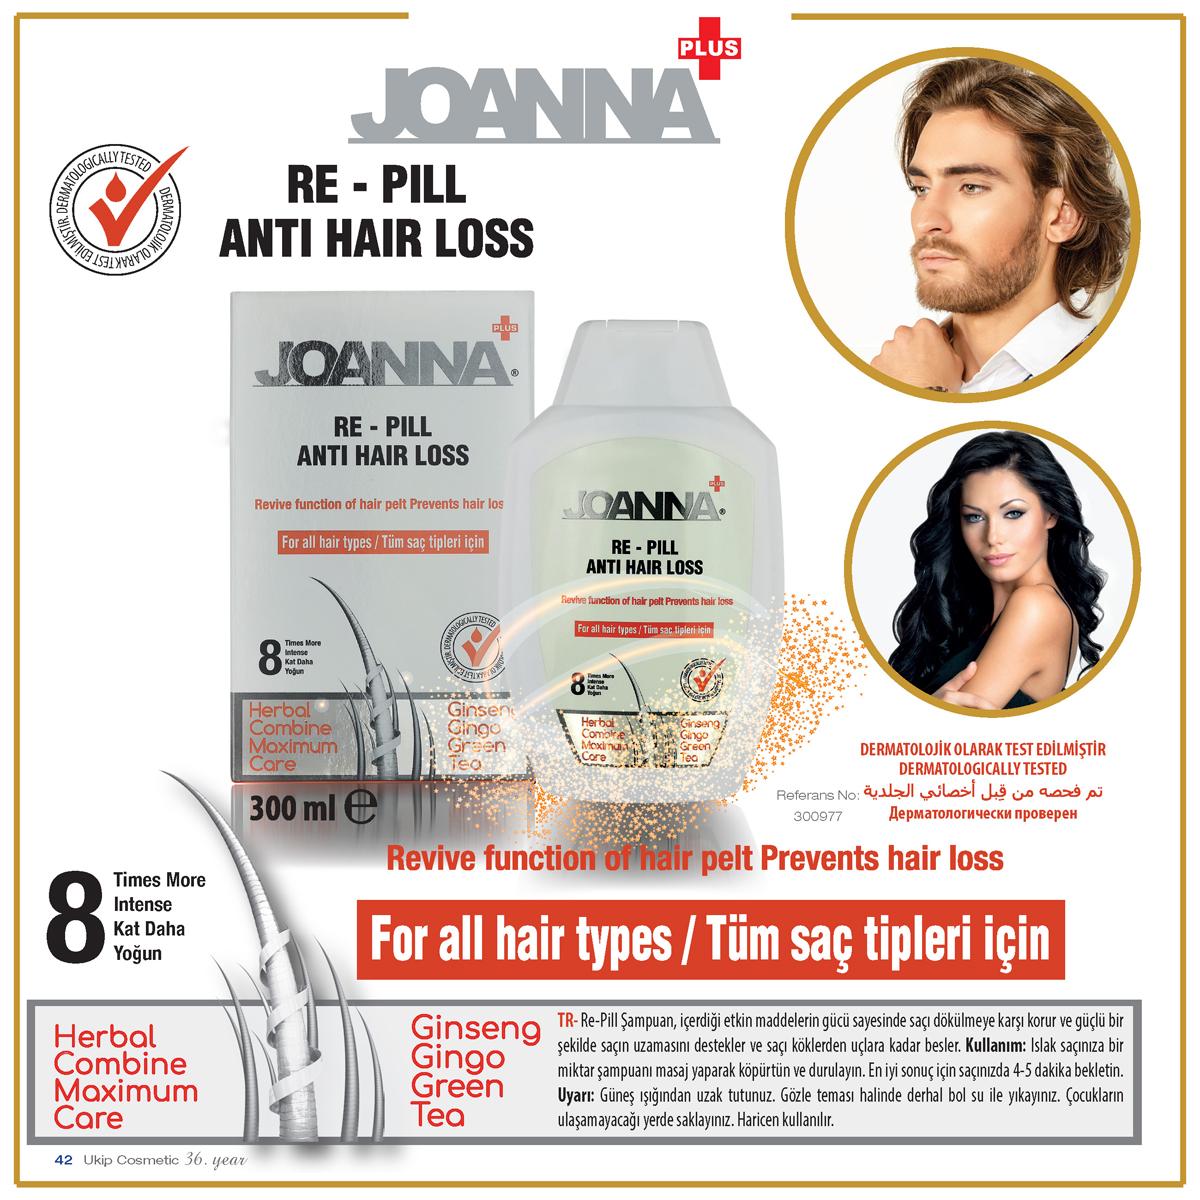 Re-Pill Şampuan Joanna